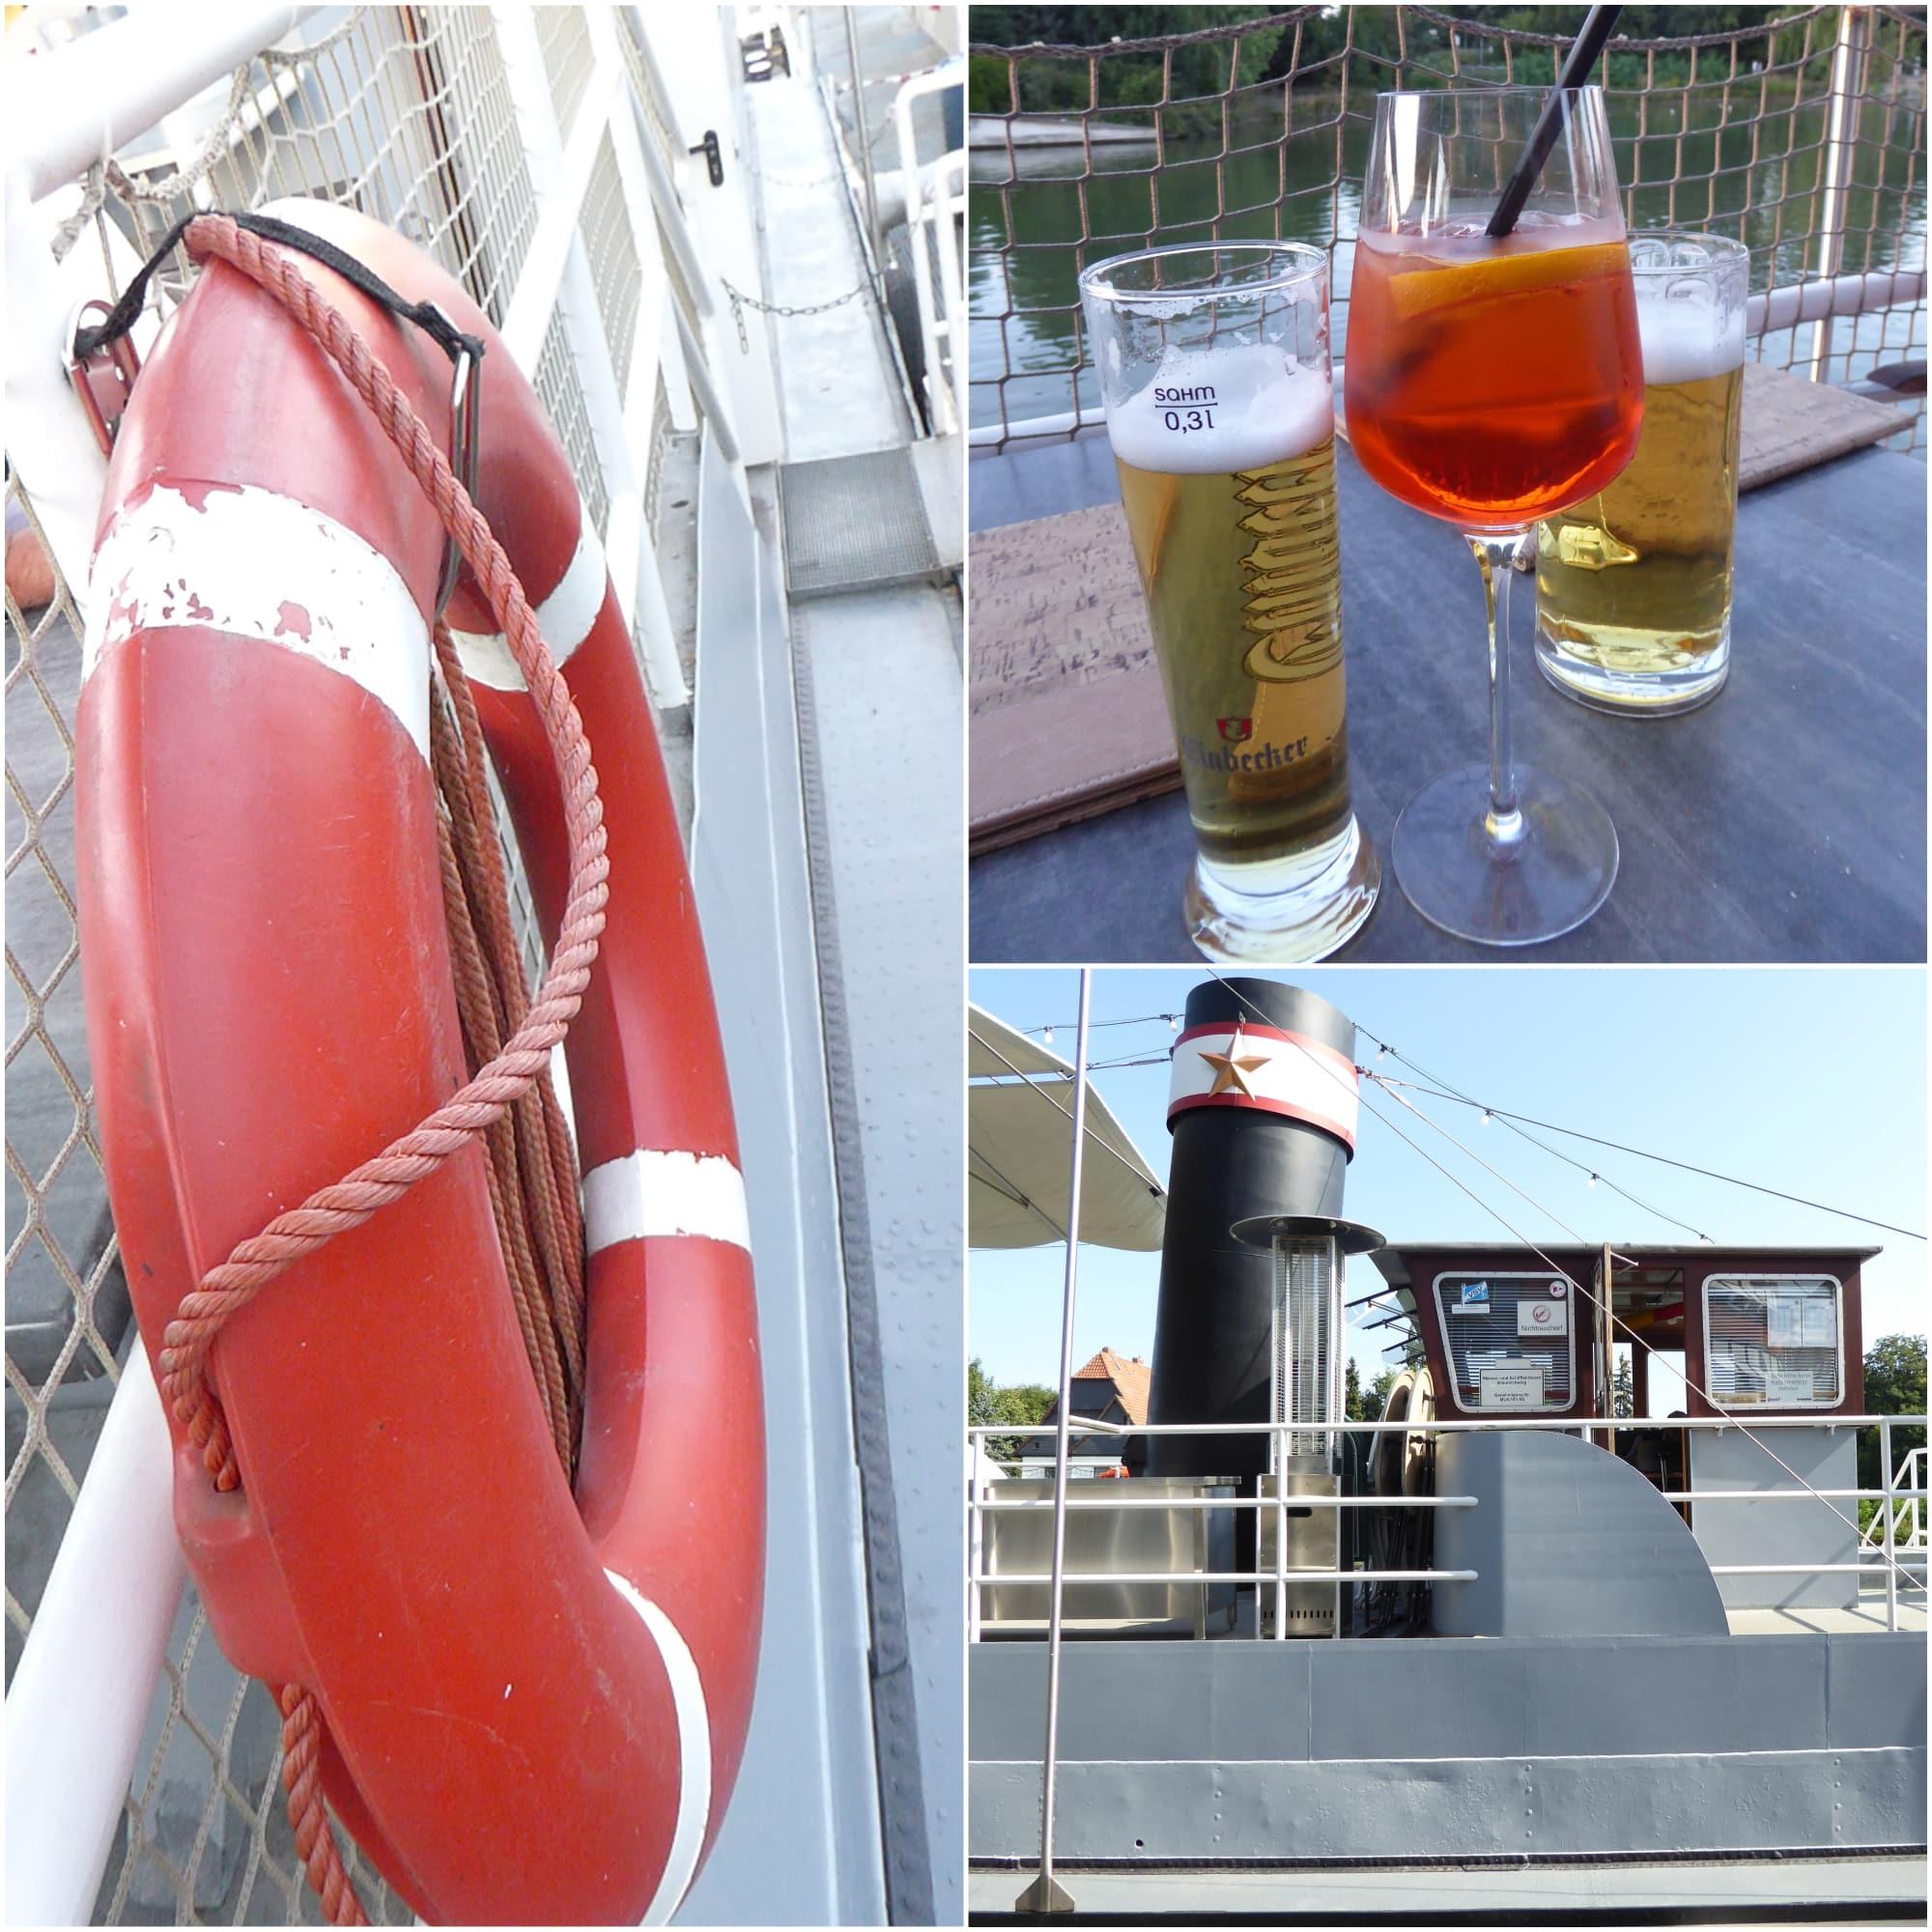 STyle Hannover Schifftaurant KBW Collage 3 - Das Schifftaurant am Kanal